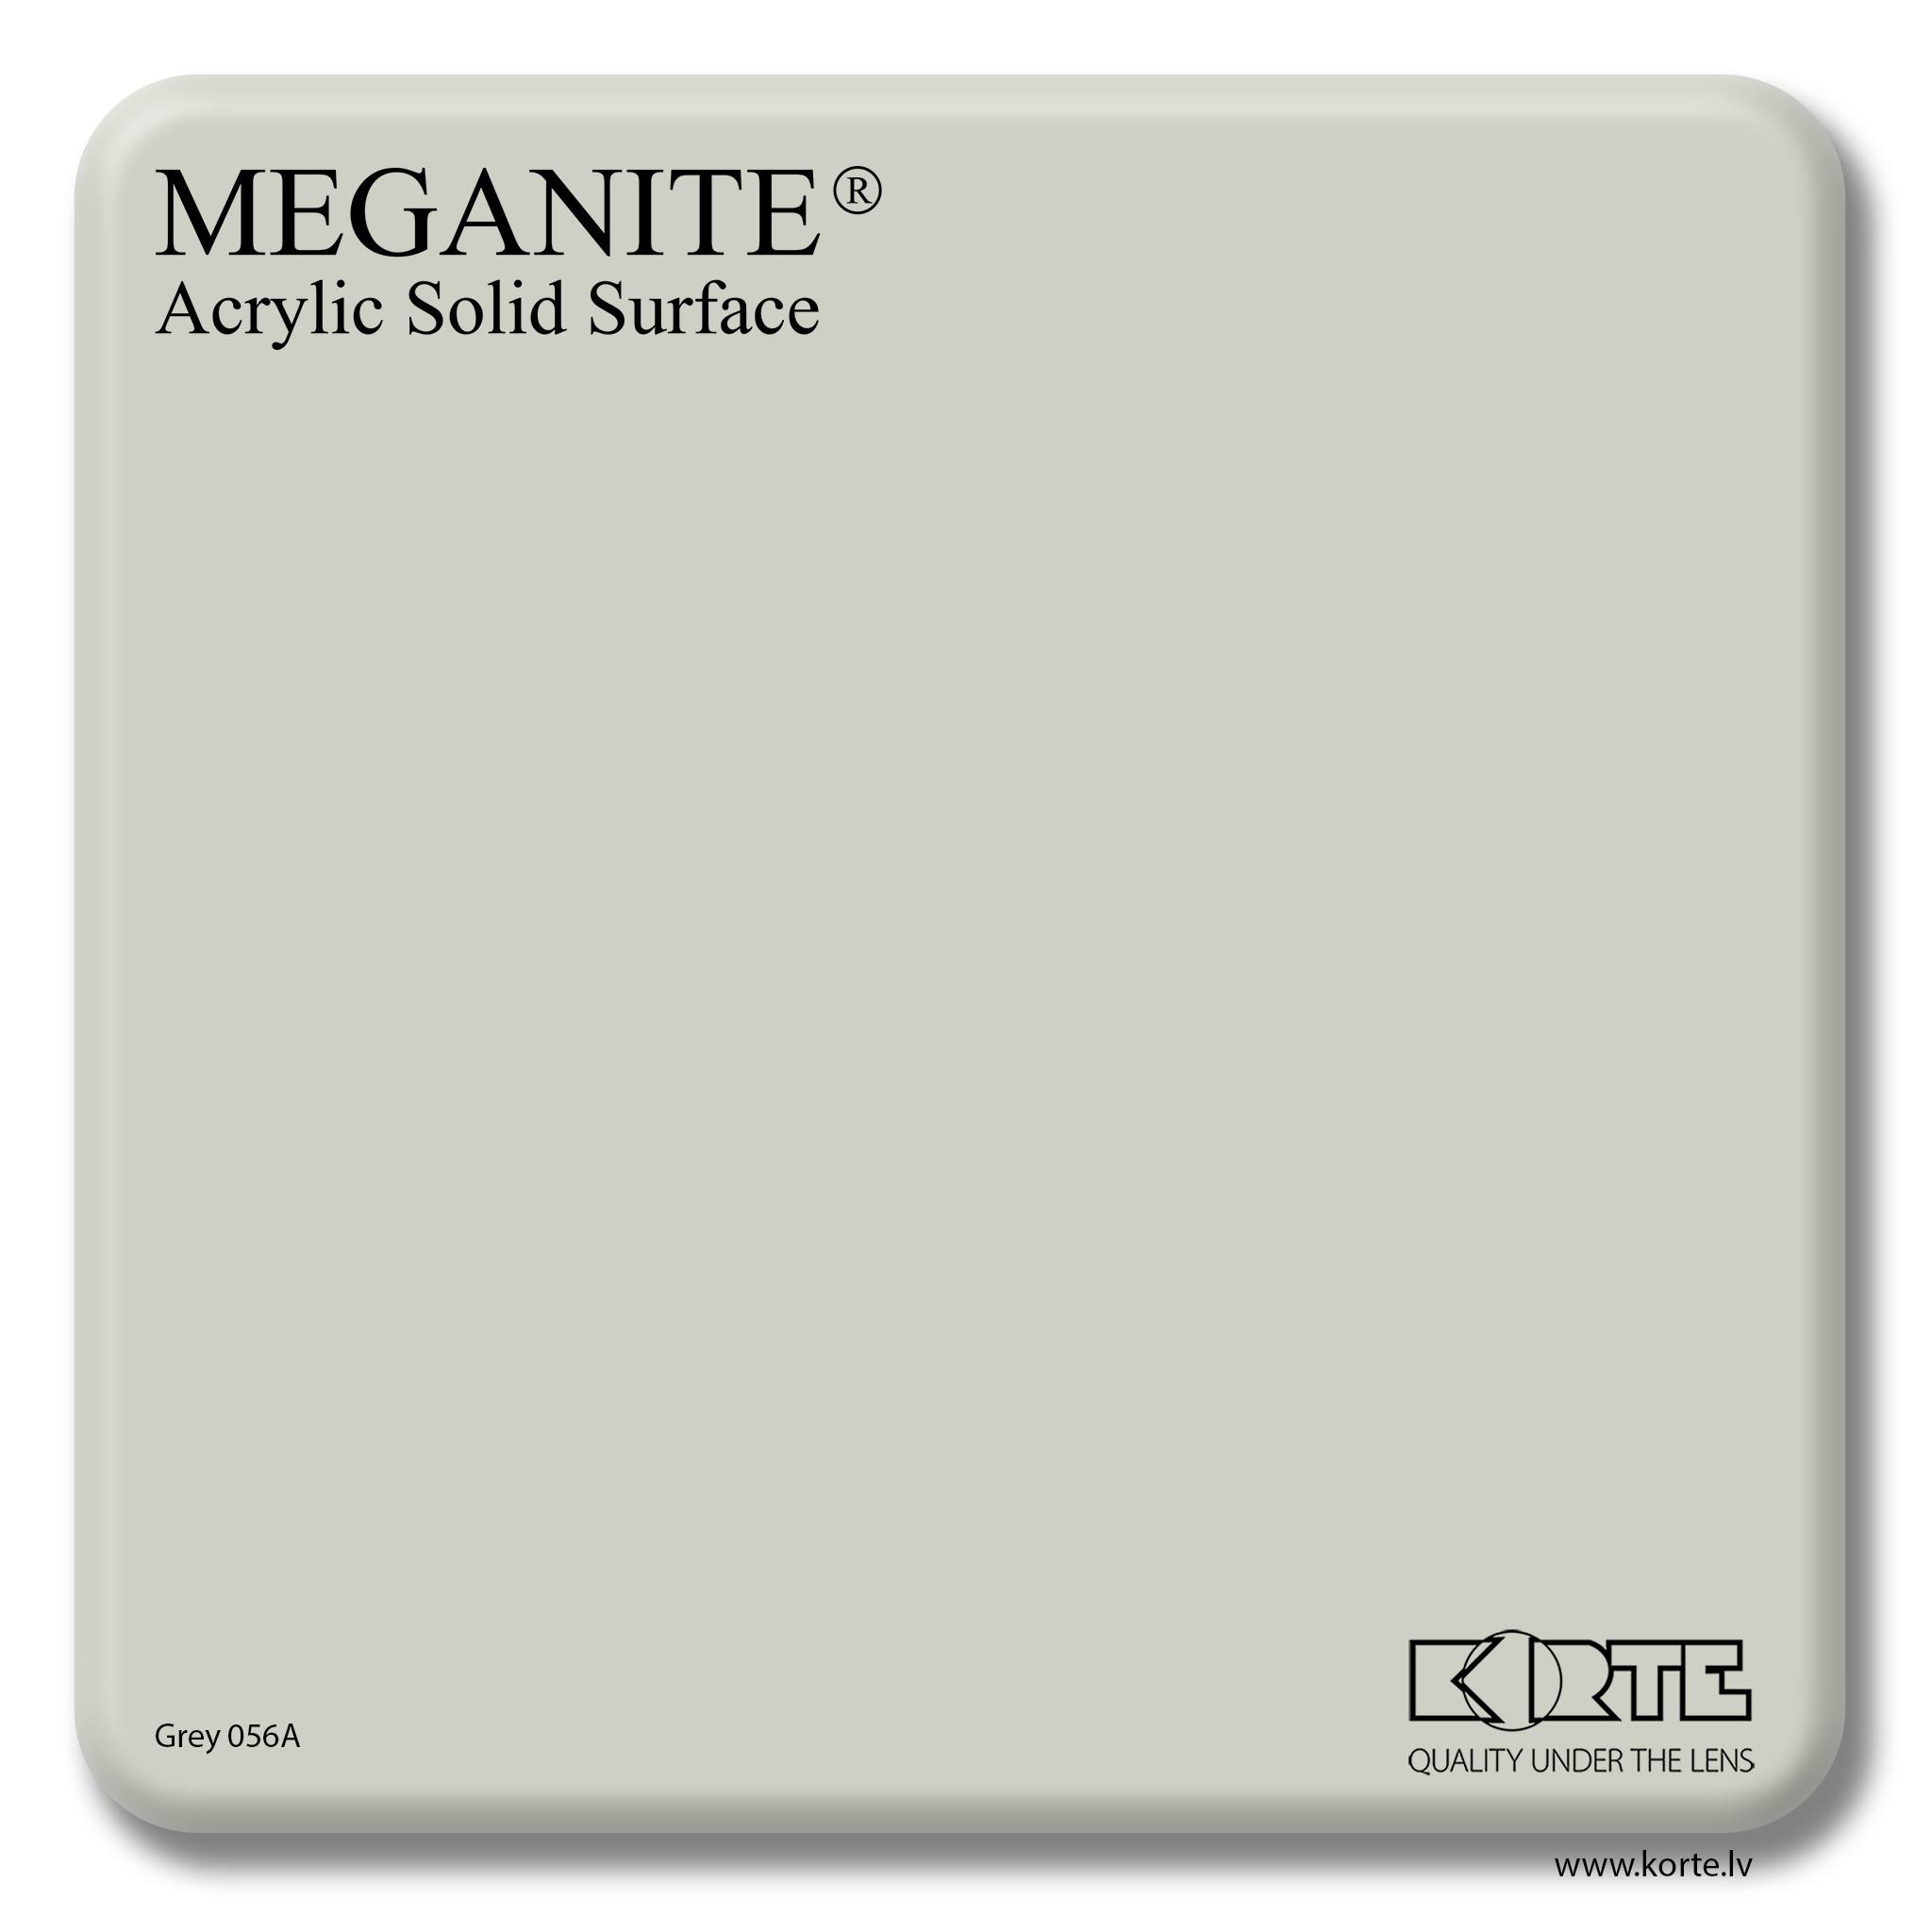 Meganite Grey 056A